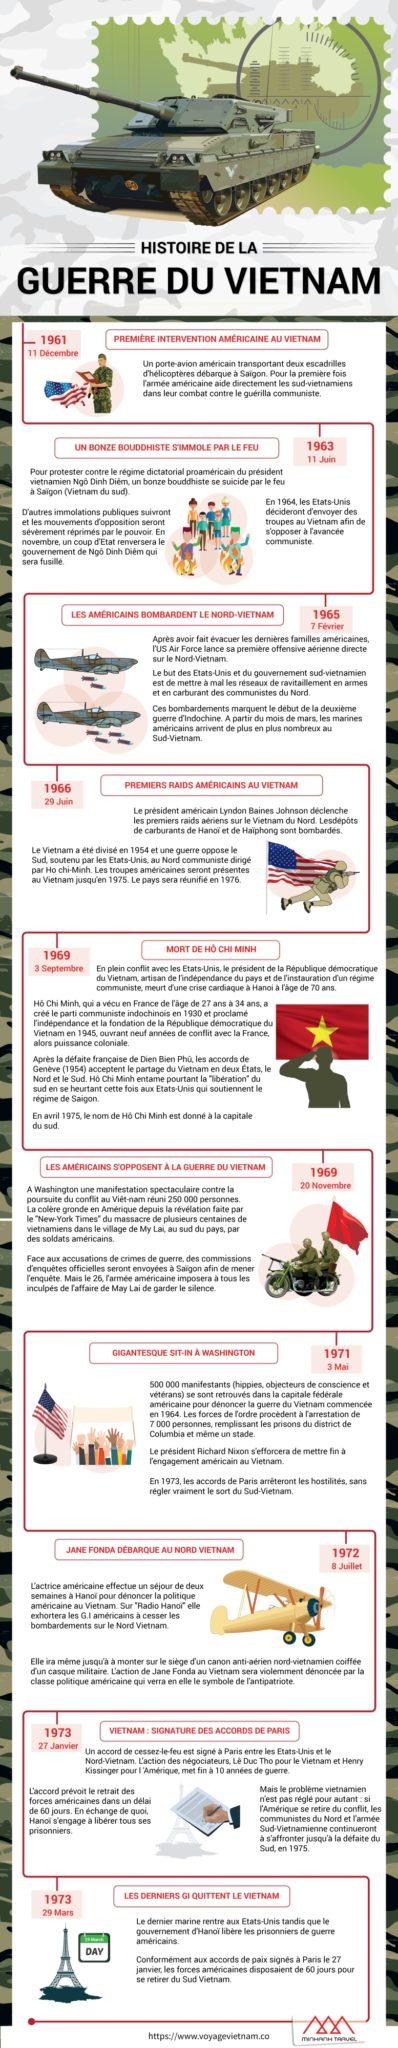 Dates de guerre du Vietnam